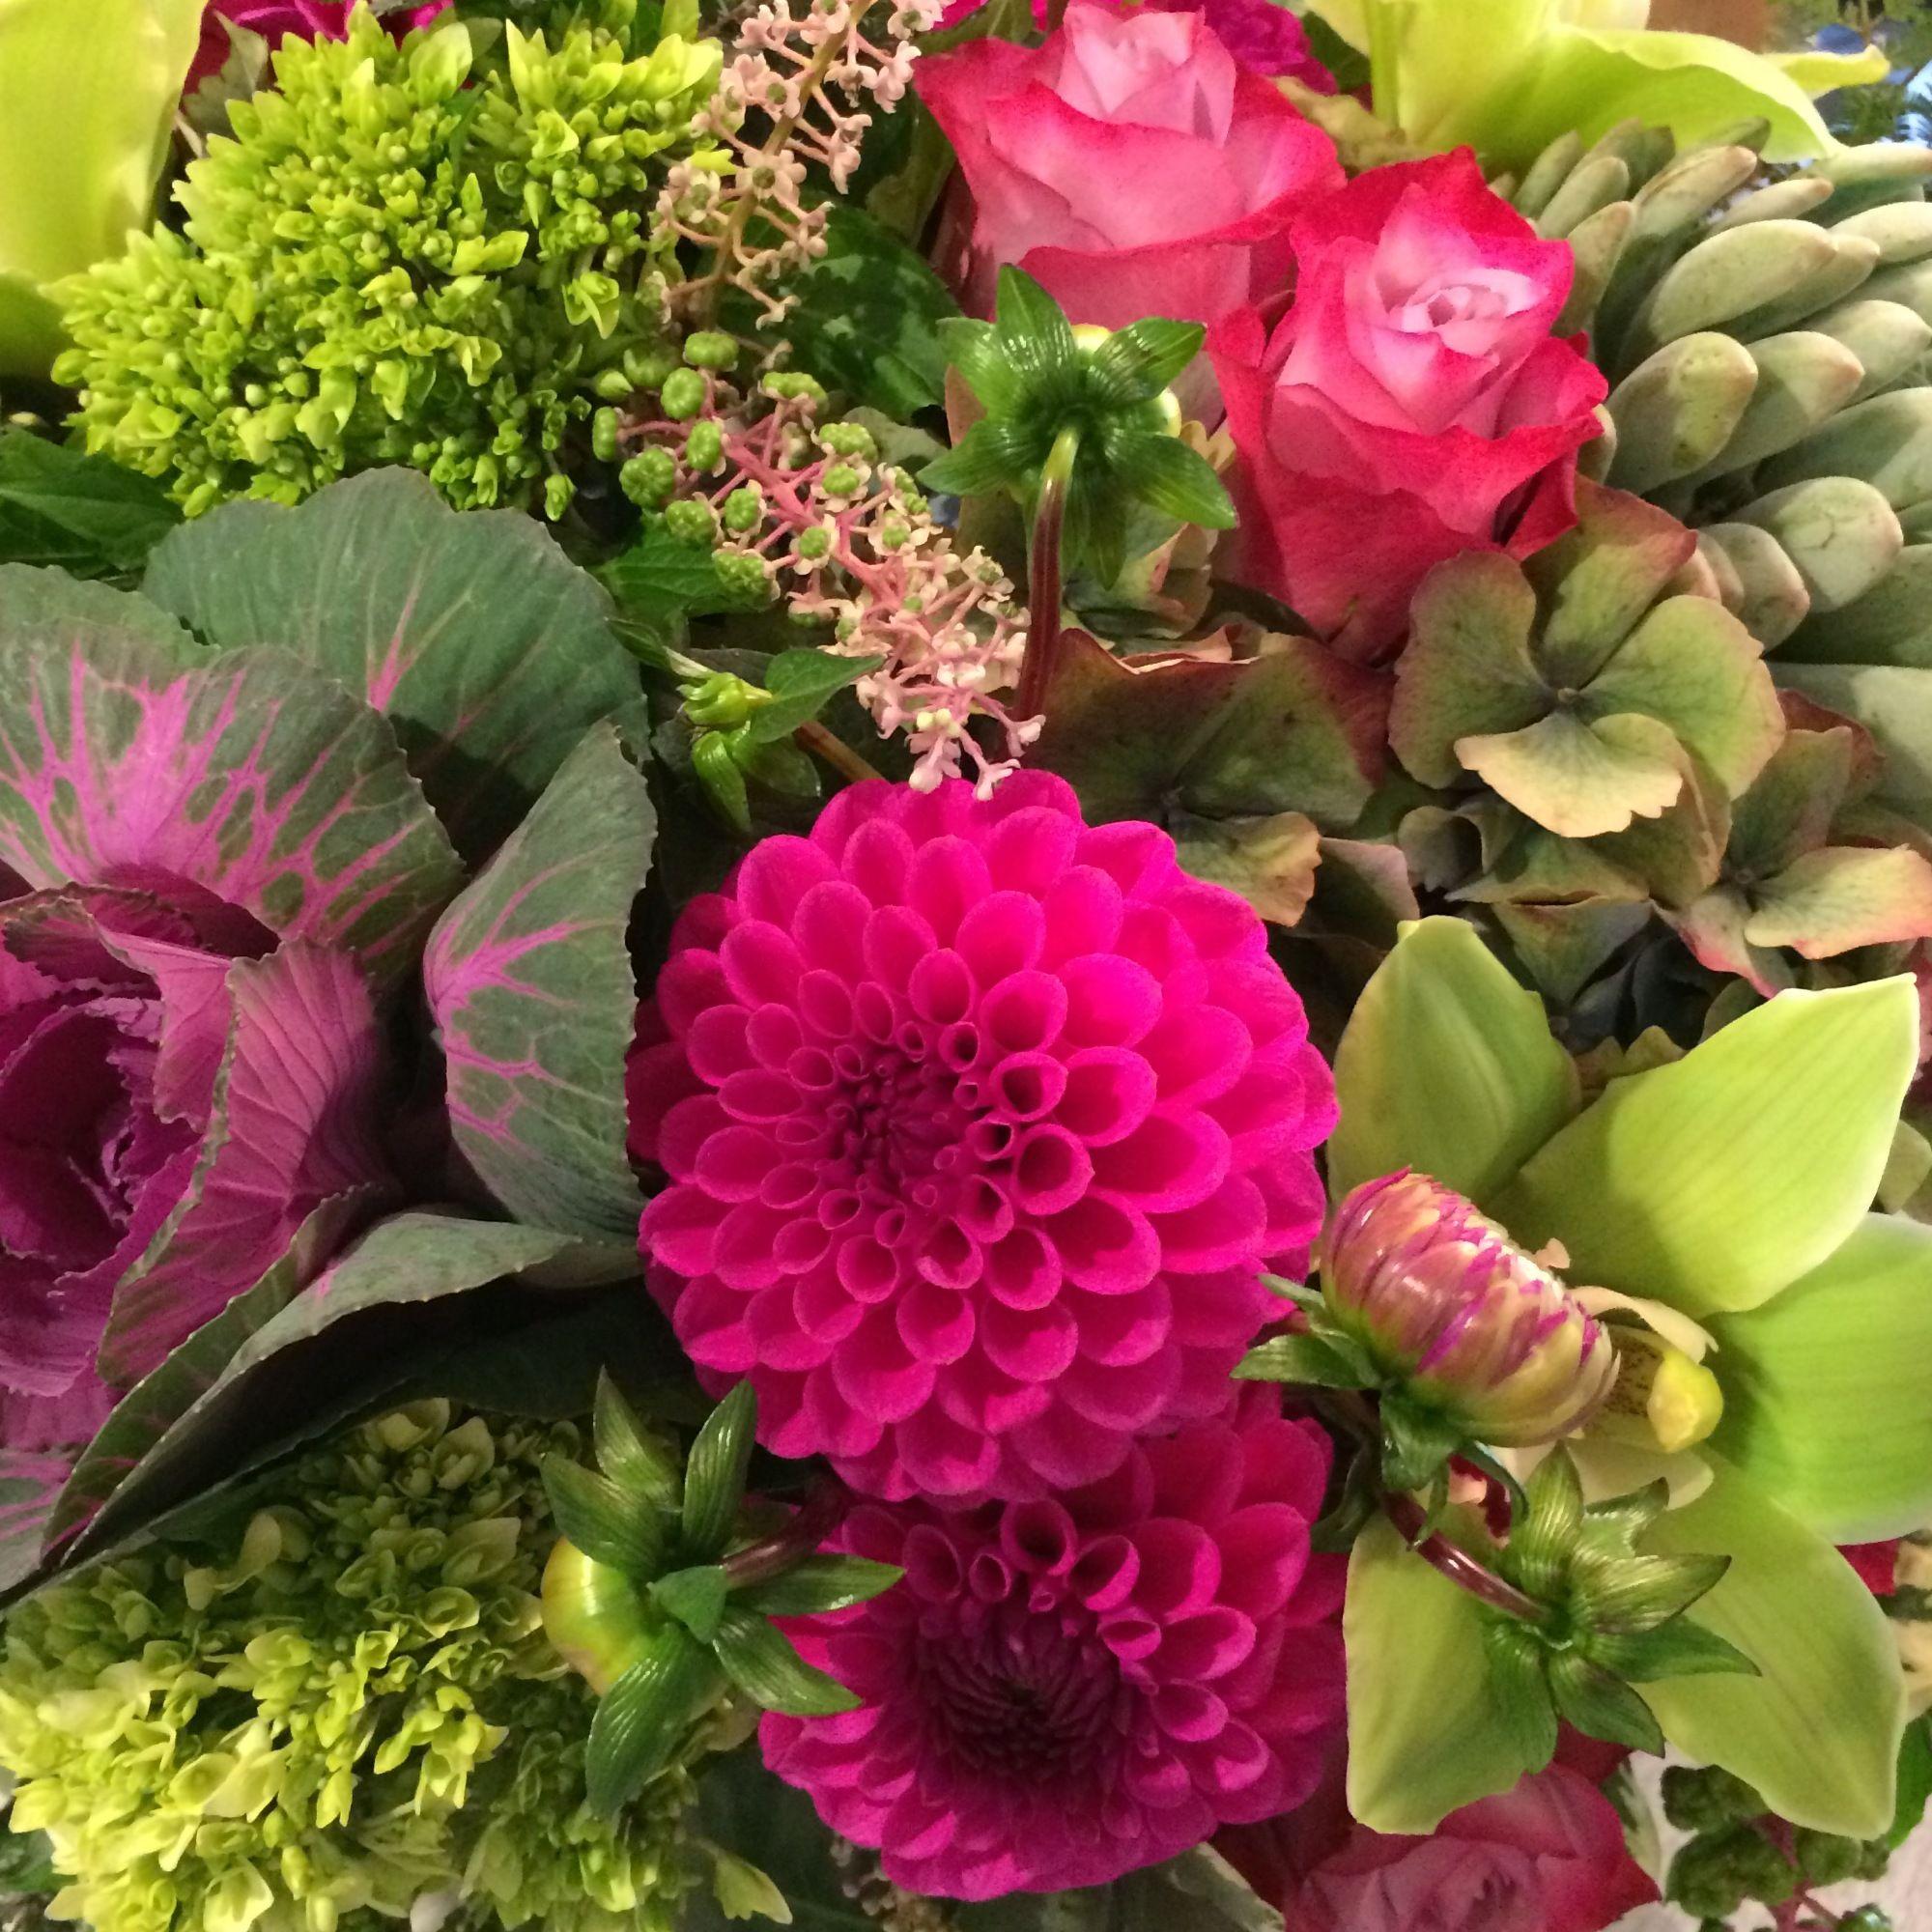 Fiori Floral Design Same day flower delivery, Unique